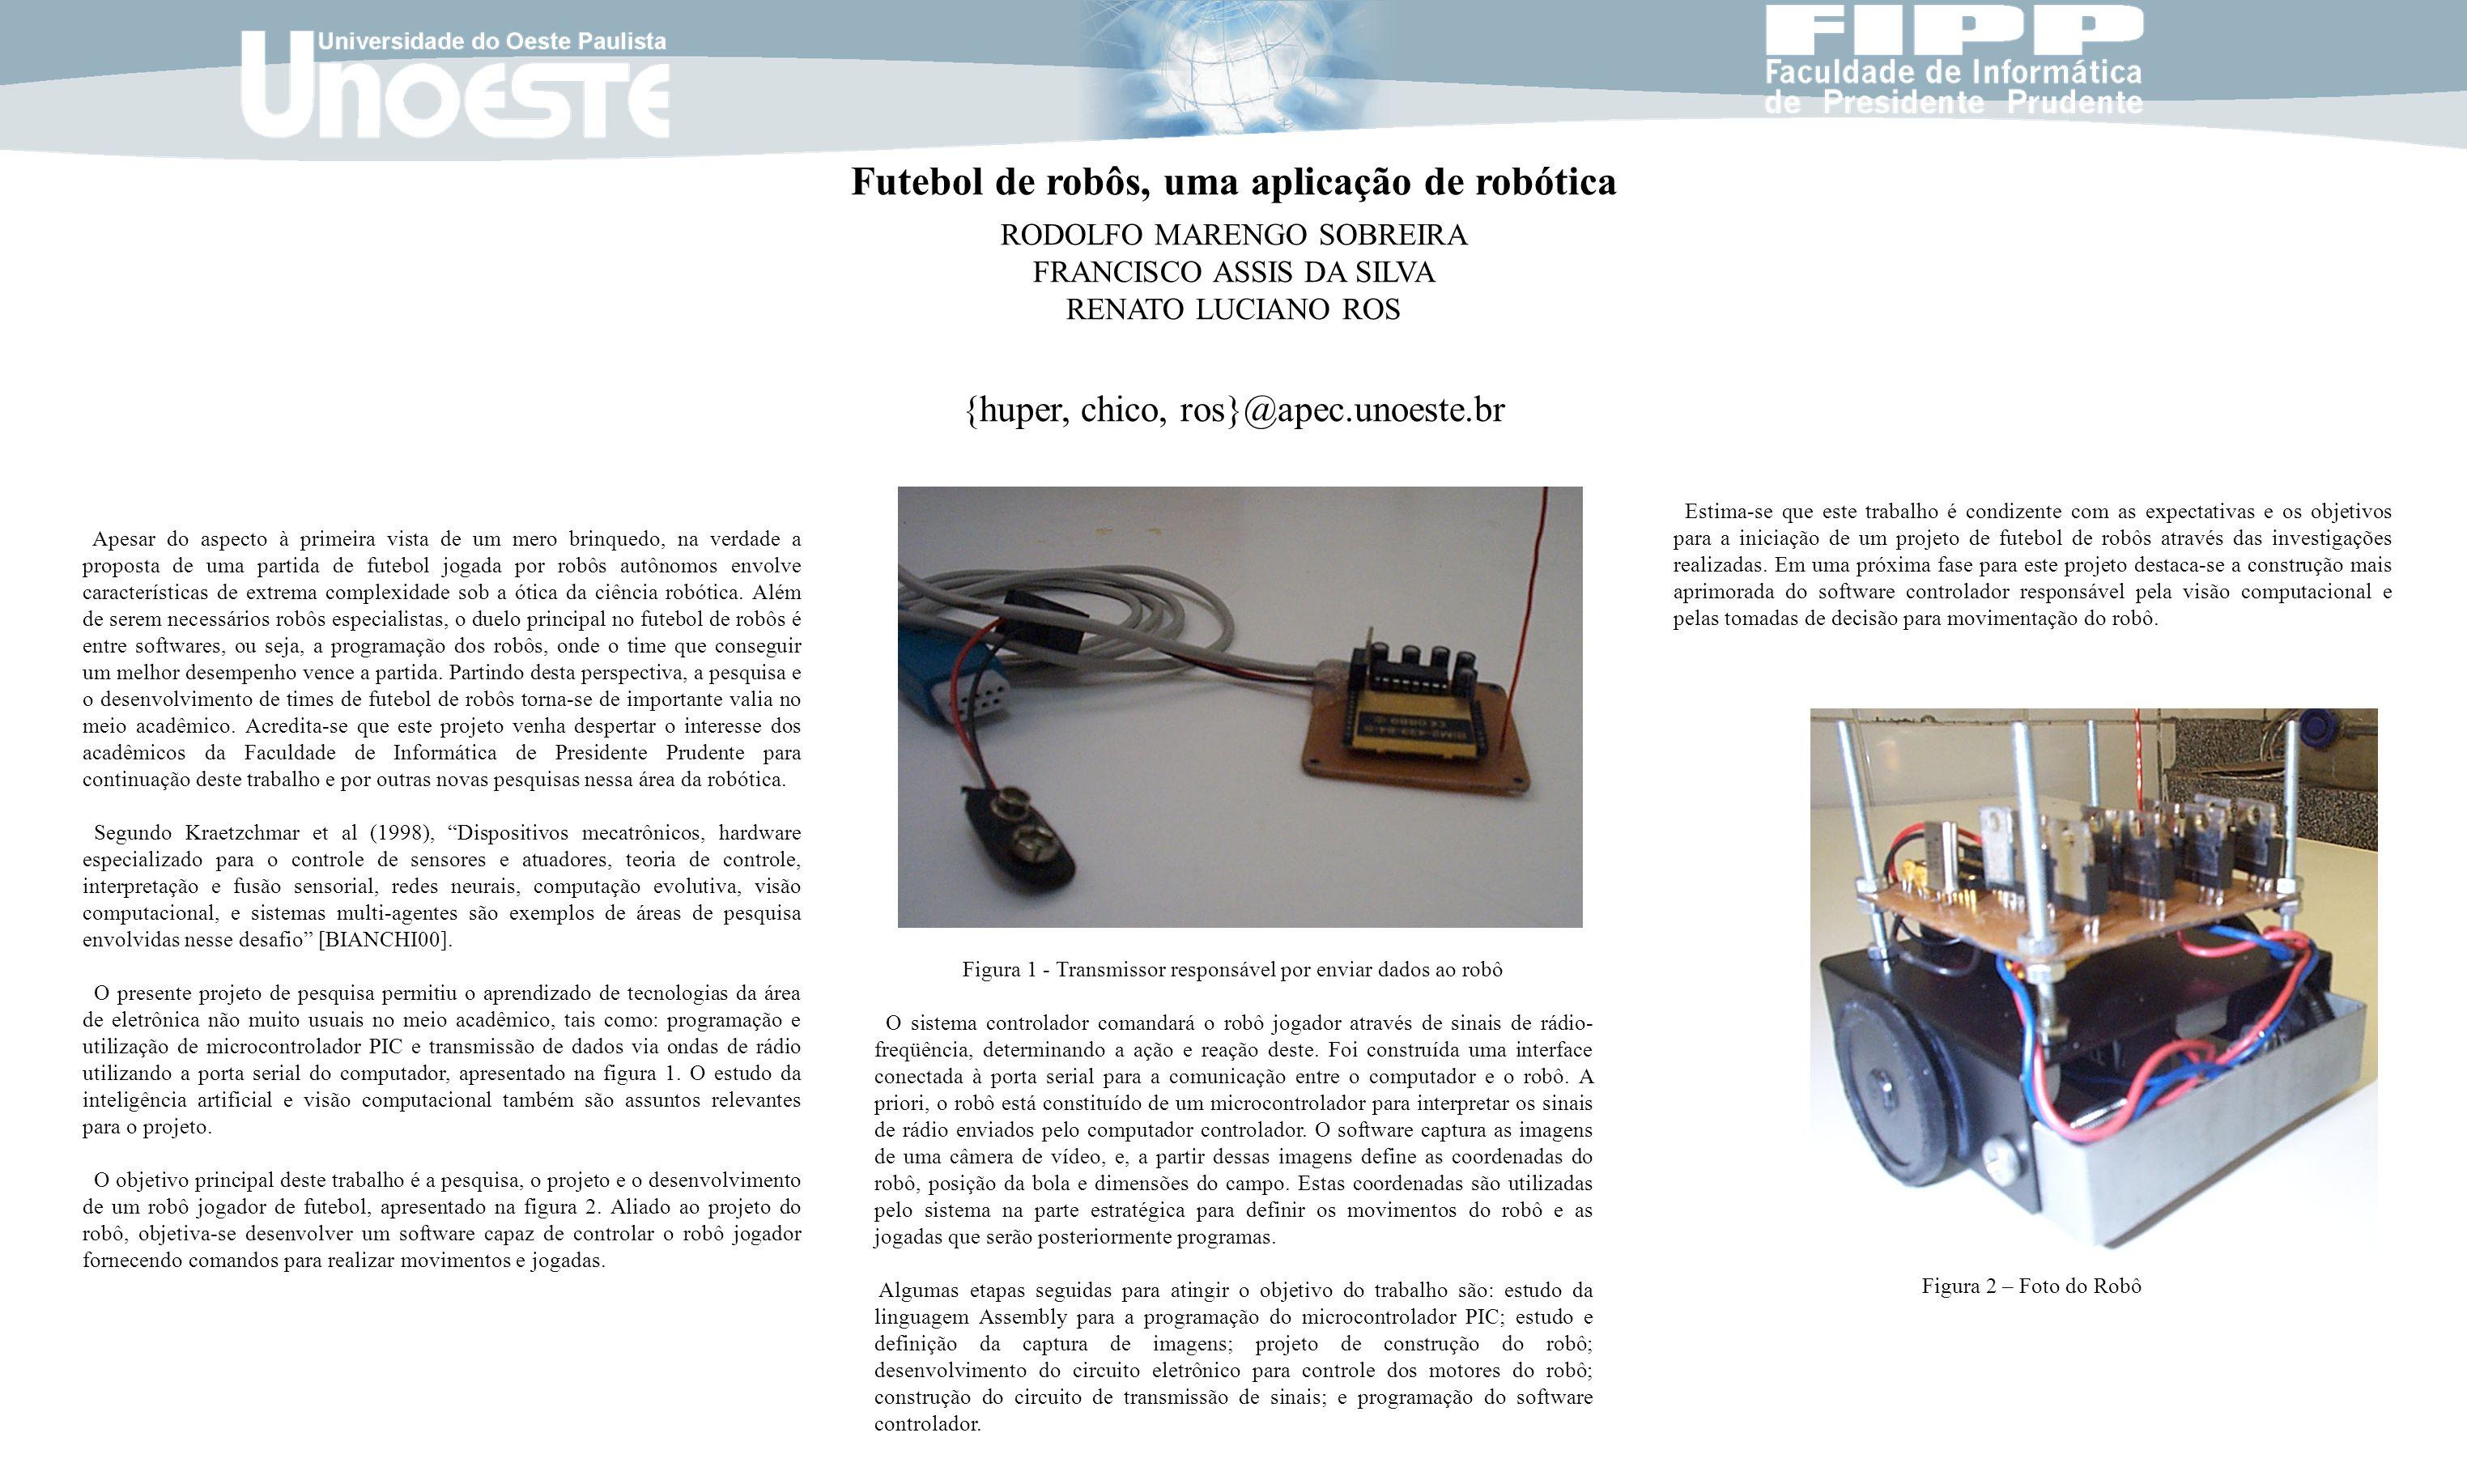 Futebol de robôs, uma aplicação de robótica RODOLFO MARENGO SOBREIRA FRANCISCO ASSIS DA SILVA RENATO LUCIANO ROS {huper, chico, ros}@apec.unoeste.br A